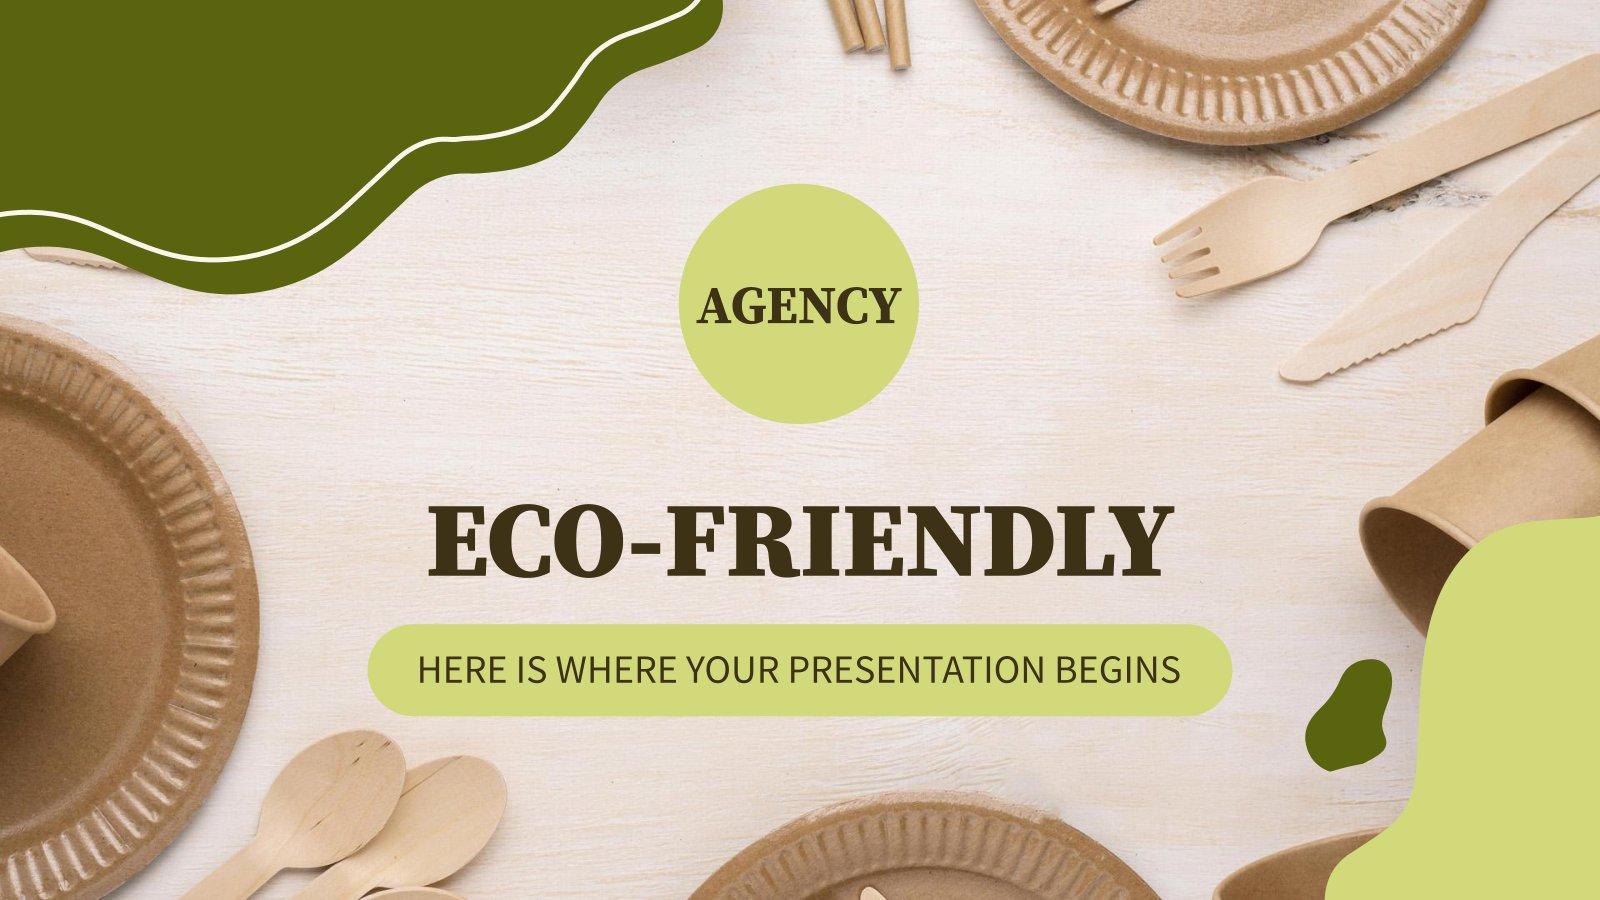 Umweltfreundliche Agentur Präsentationsvorlage